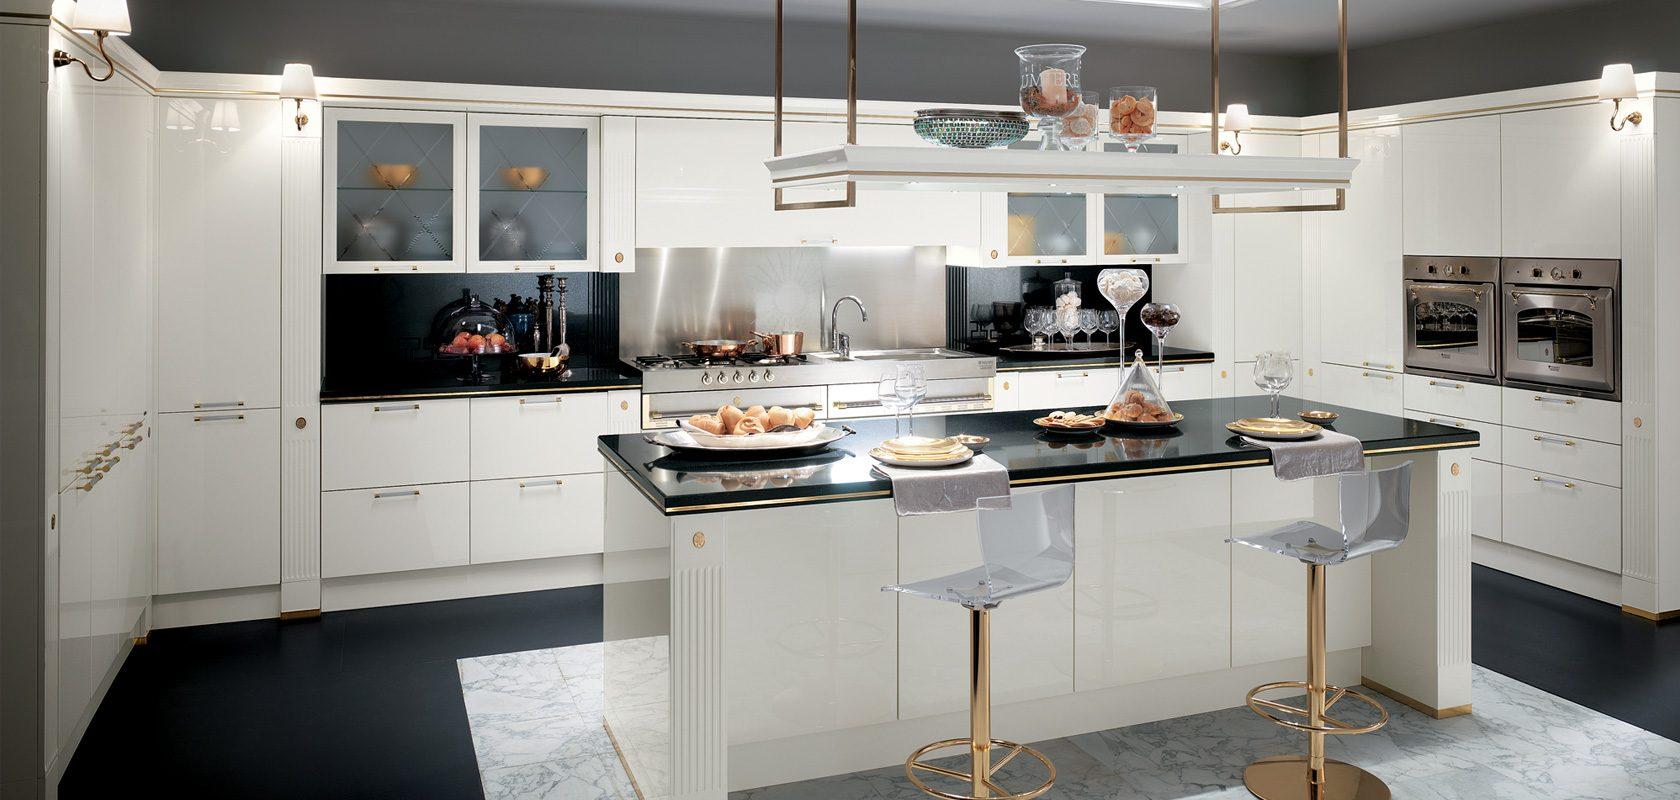 Cucine bianche: consigli sugli stili e le tipologie più ...